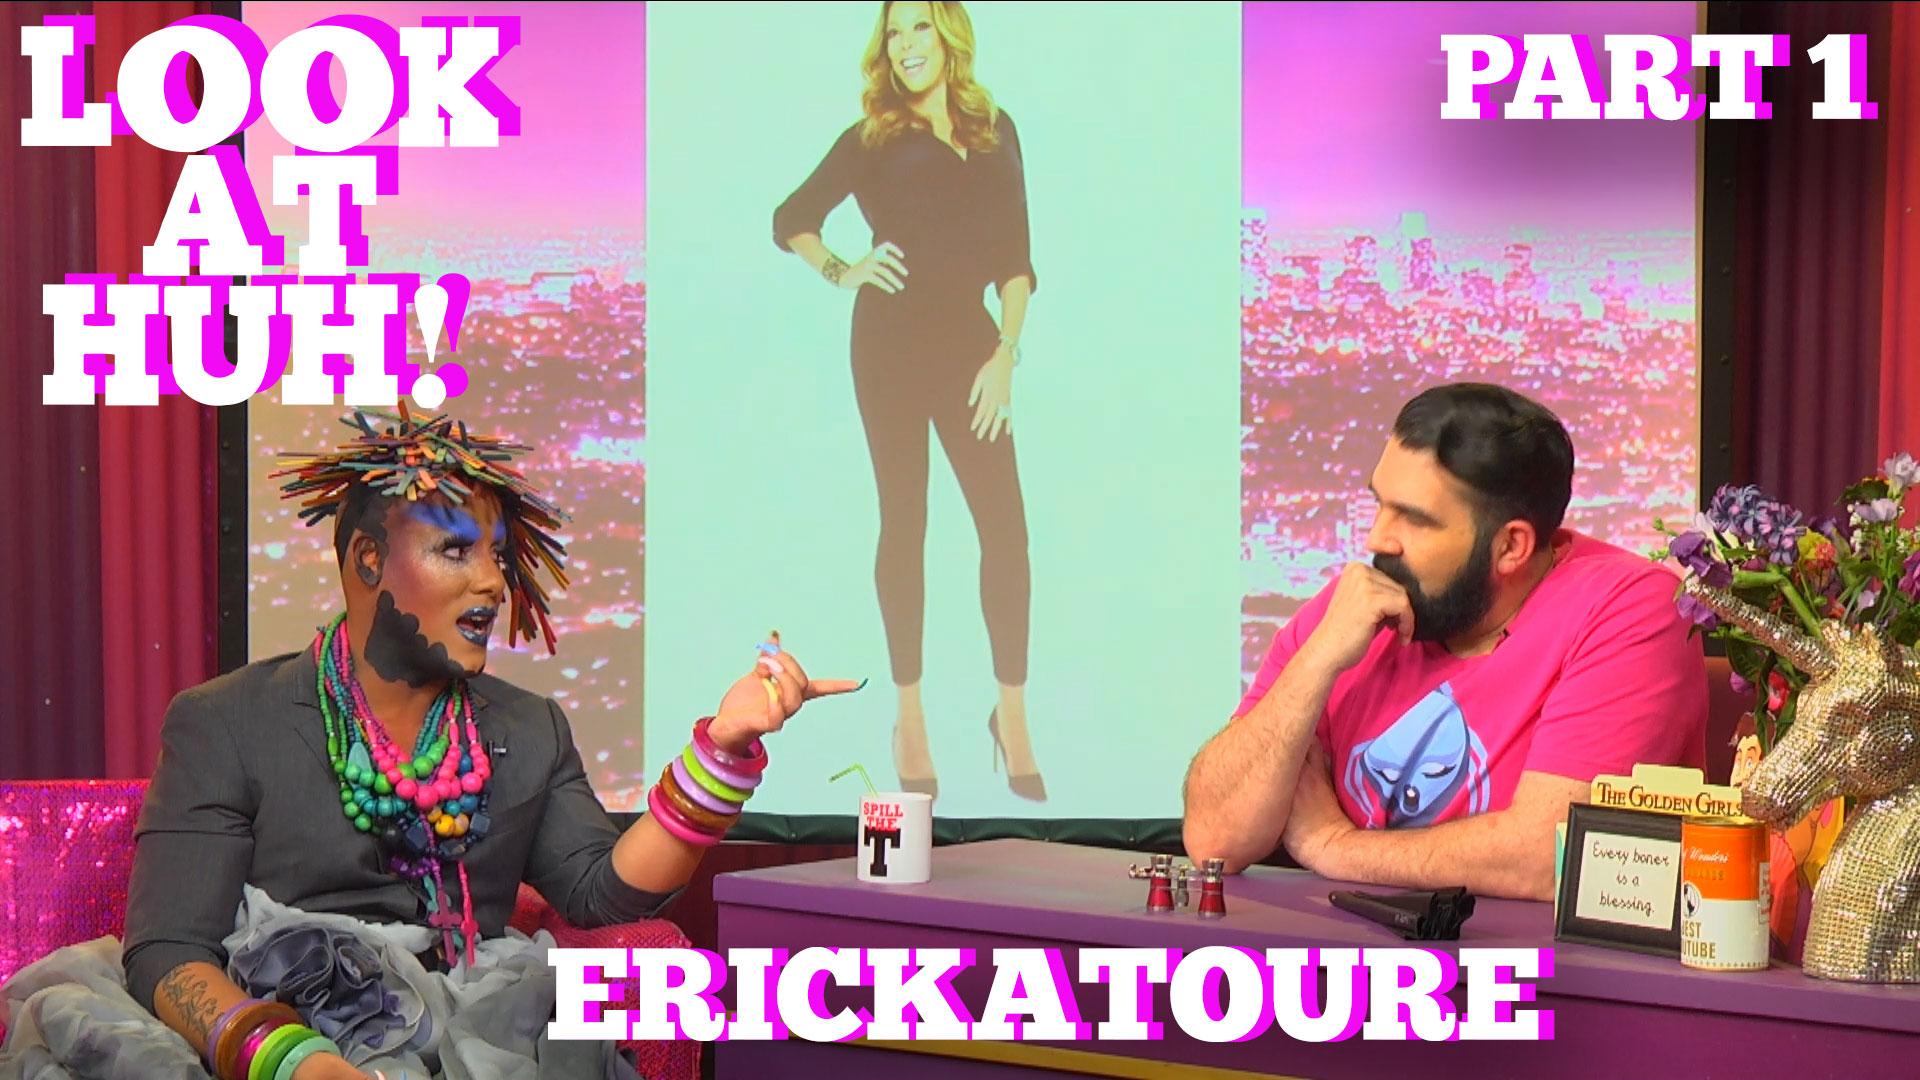 ERICKATOURE On LOOK AT HUH! Part 1